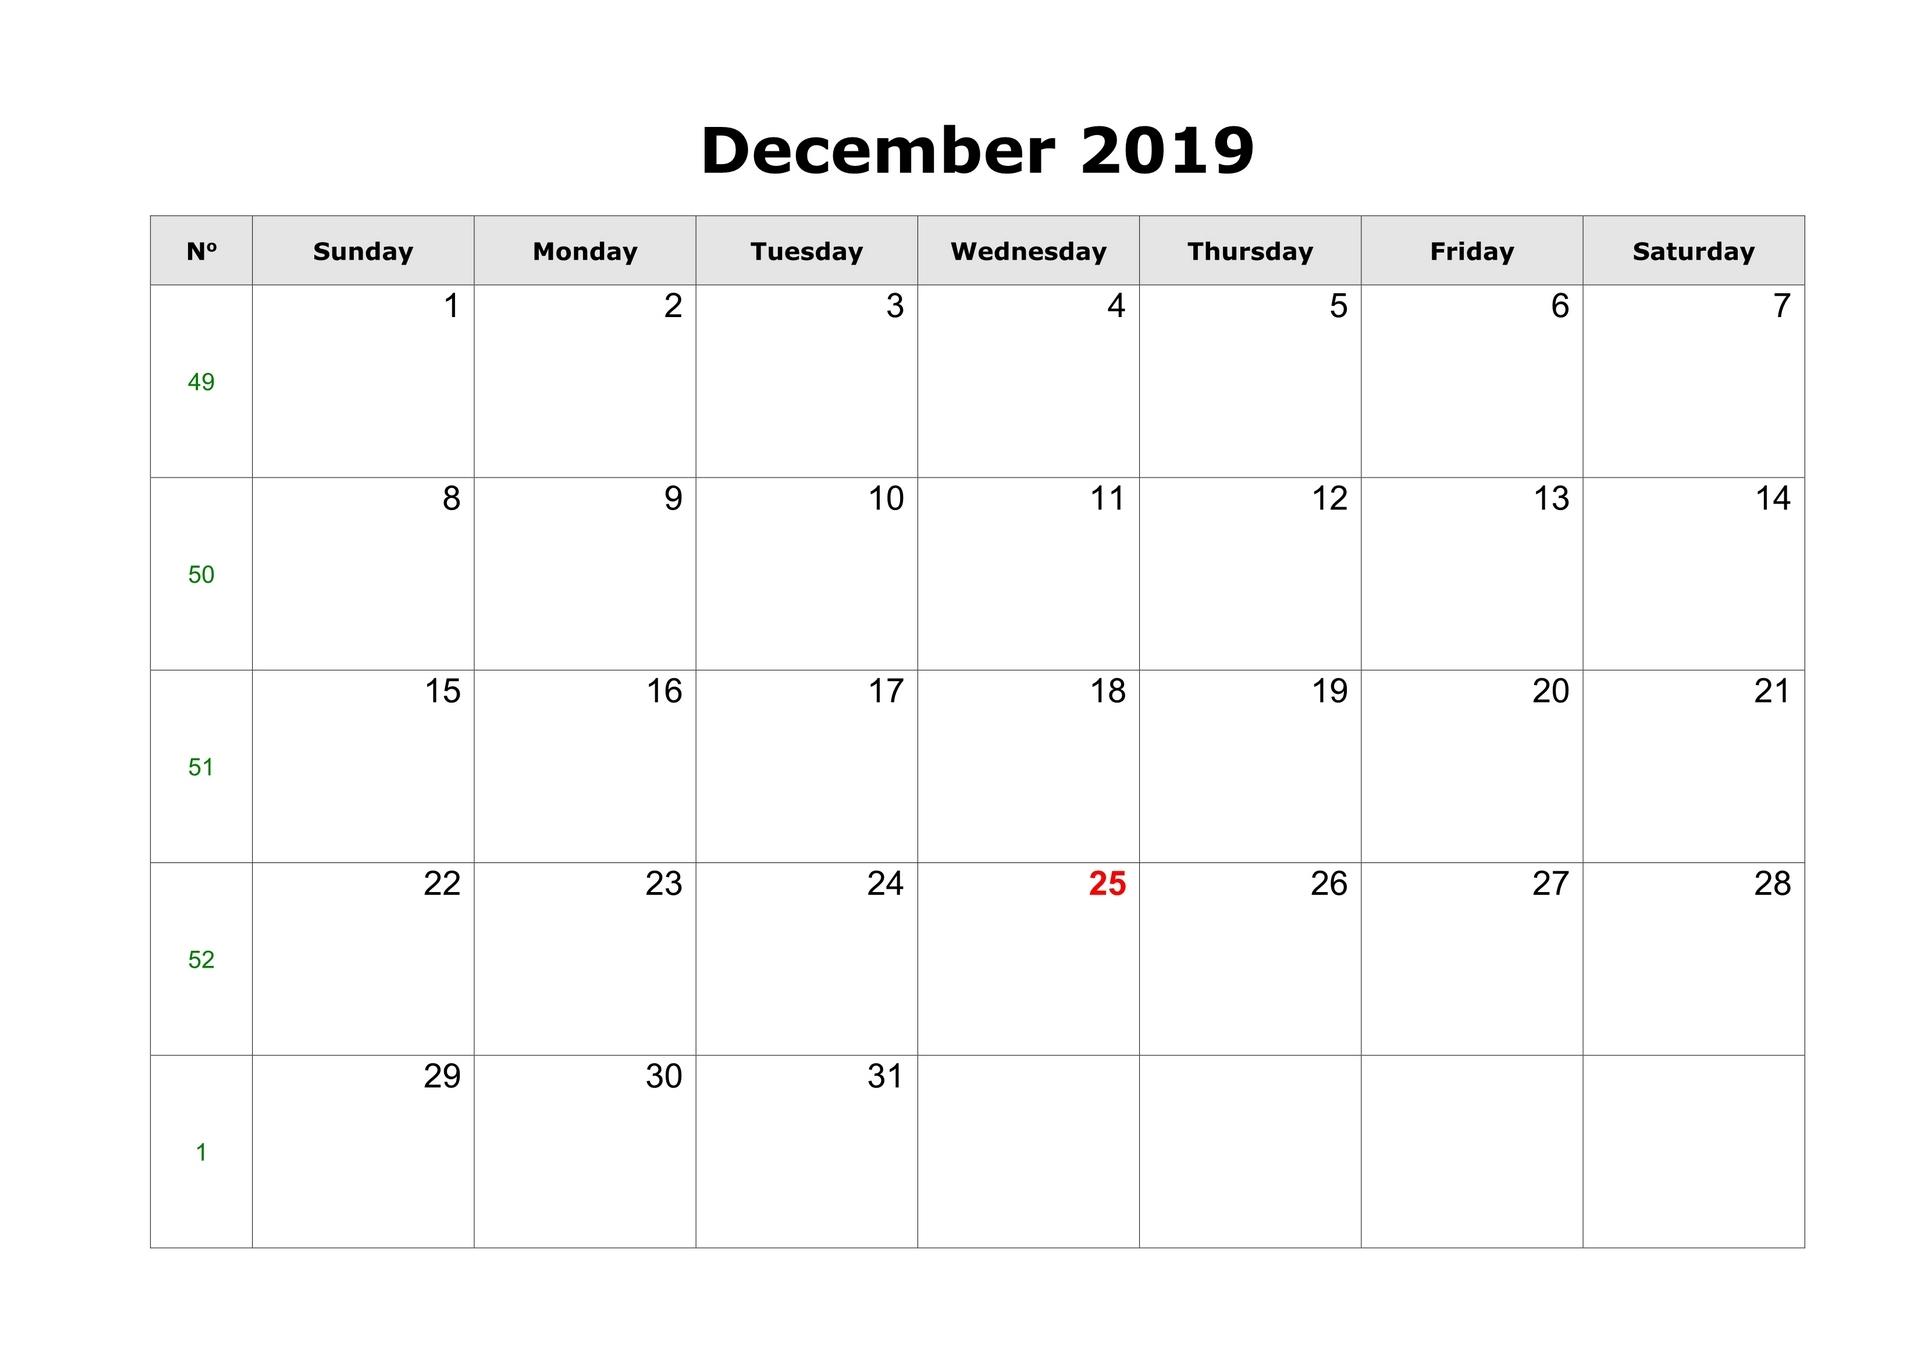 December Calendar Template 2019